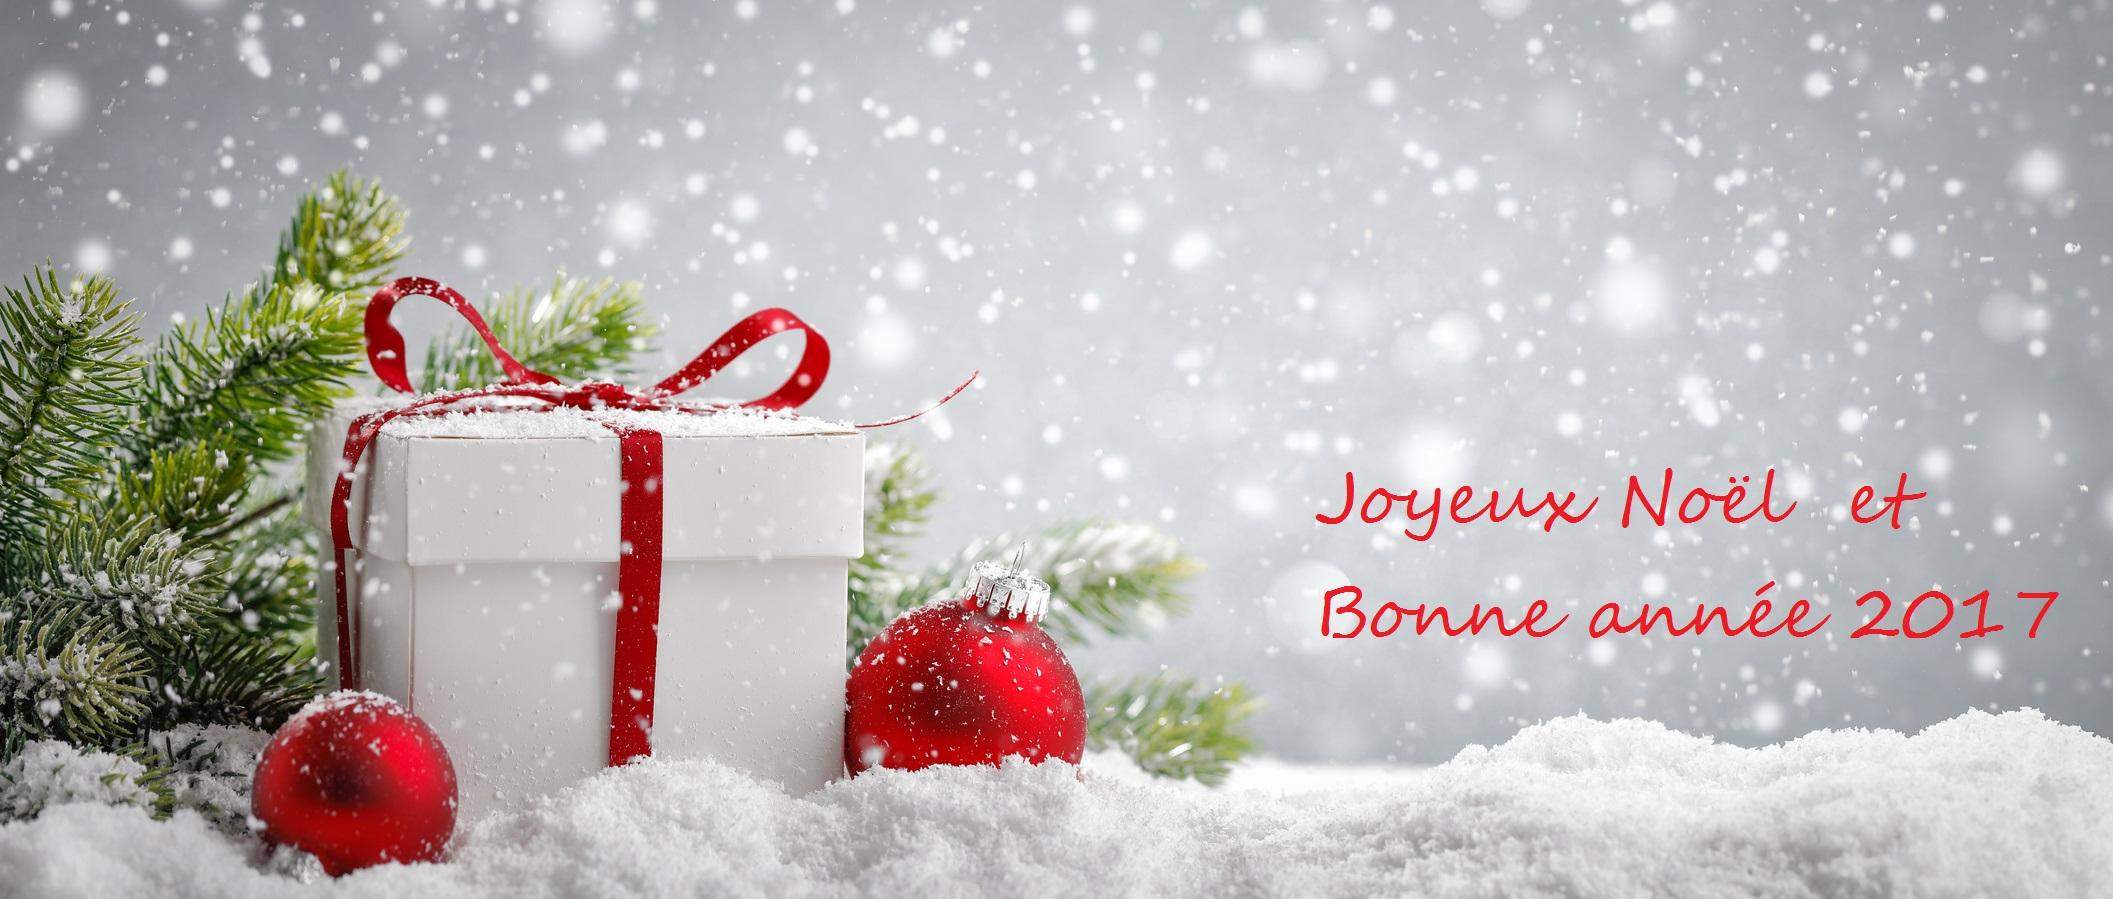 Bonne Annee Joyeux Noel.Joyeux Noel Et Bonne Annee 2017 Notre Experience En Micro